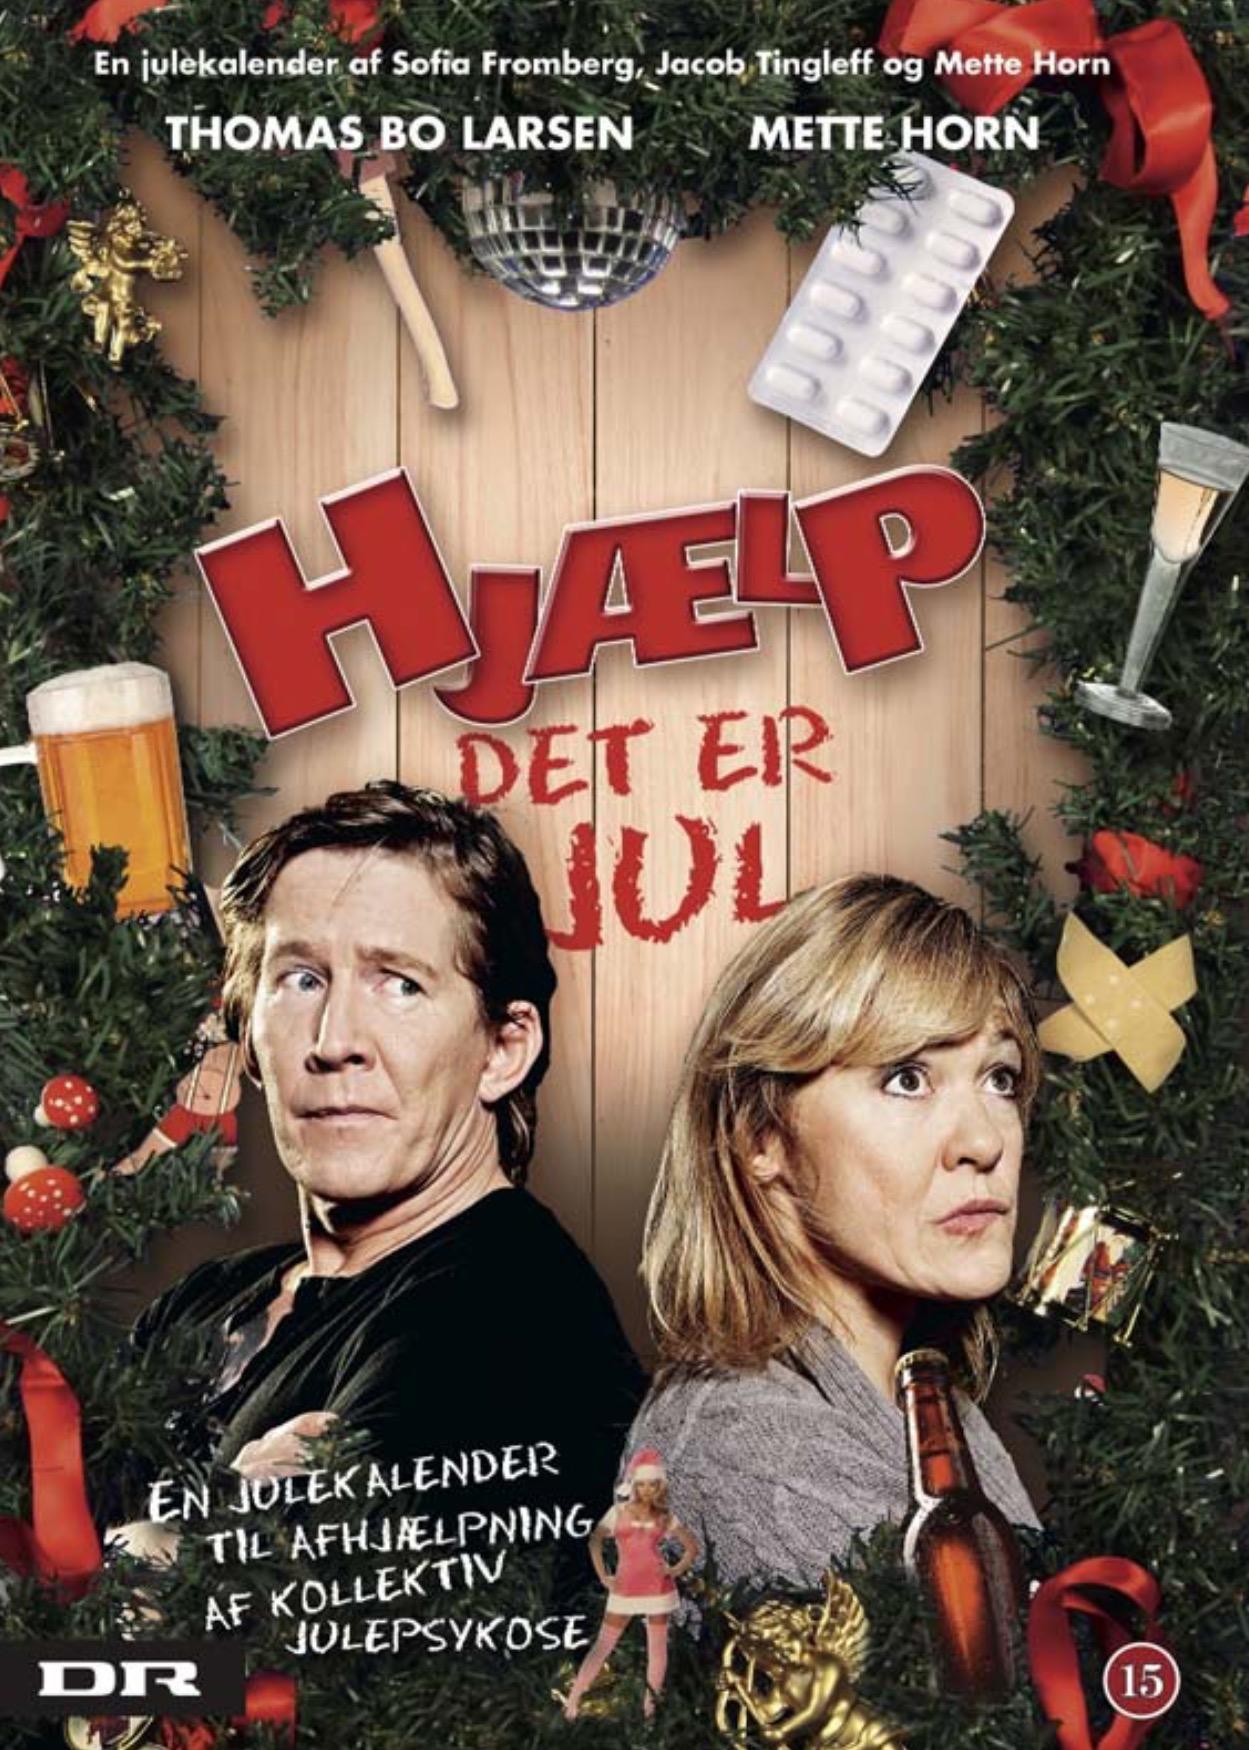 julekalender 2011 tv2